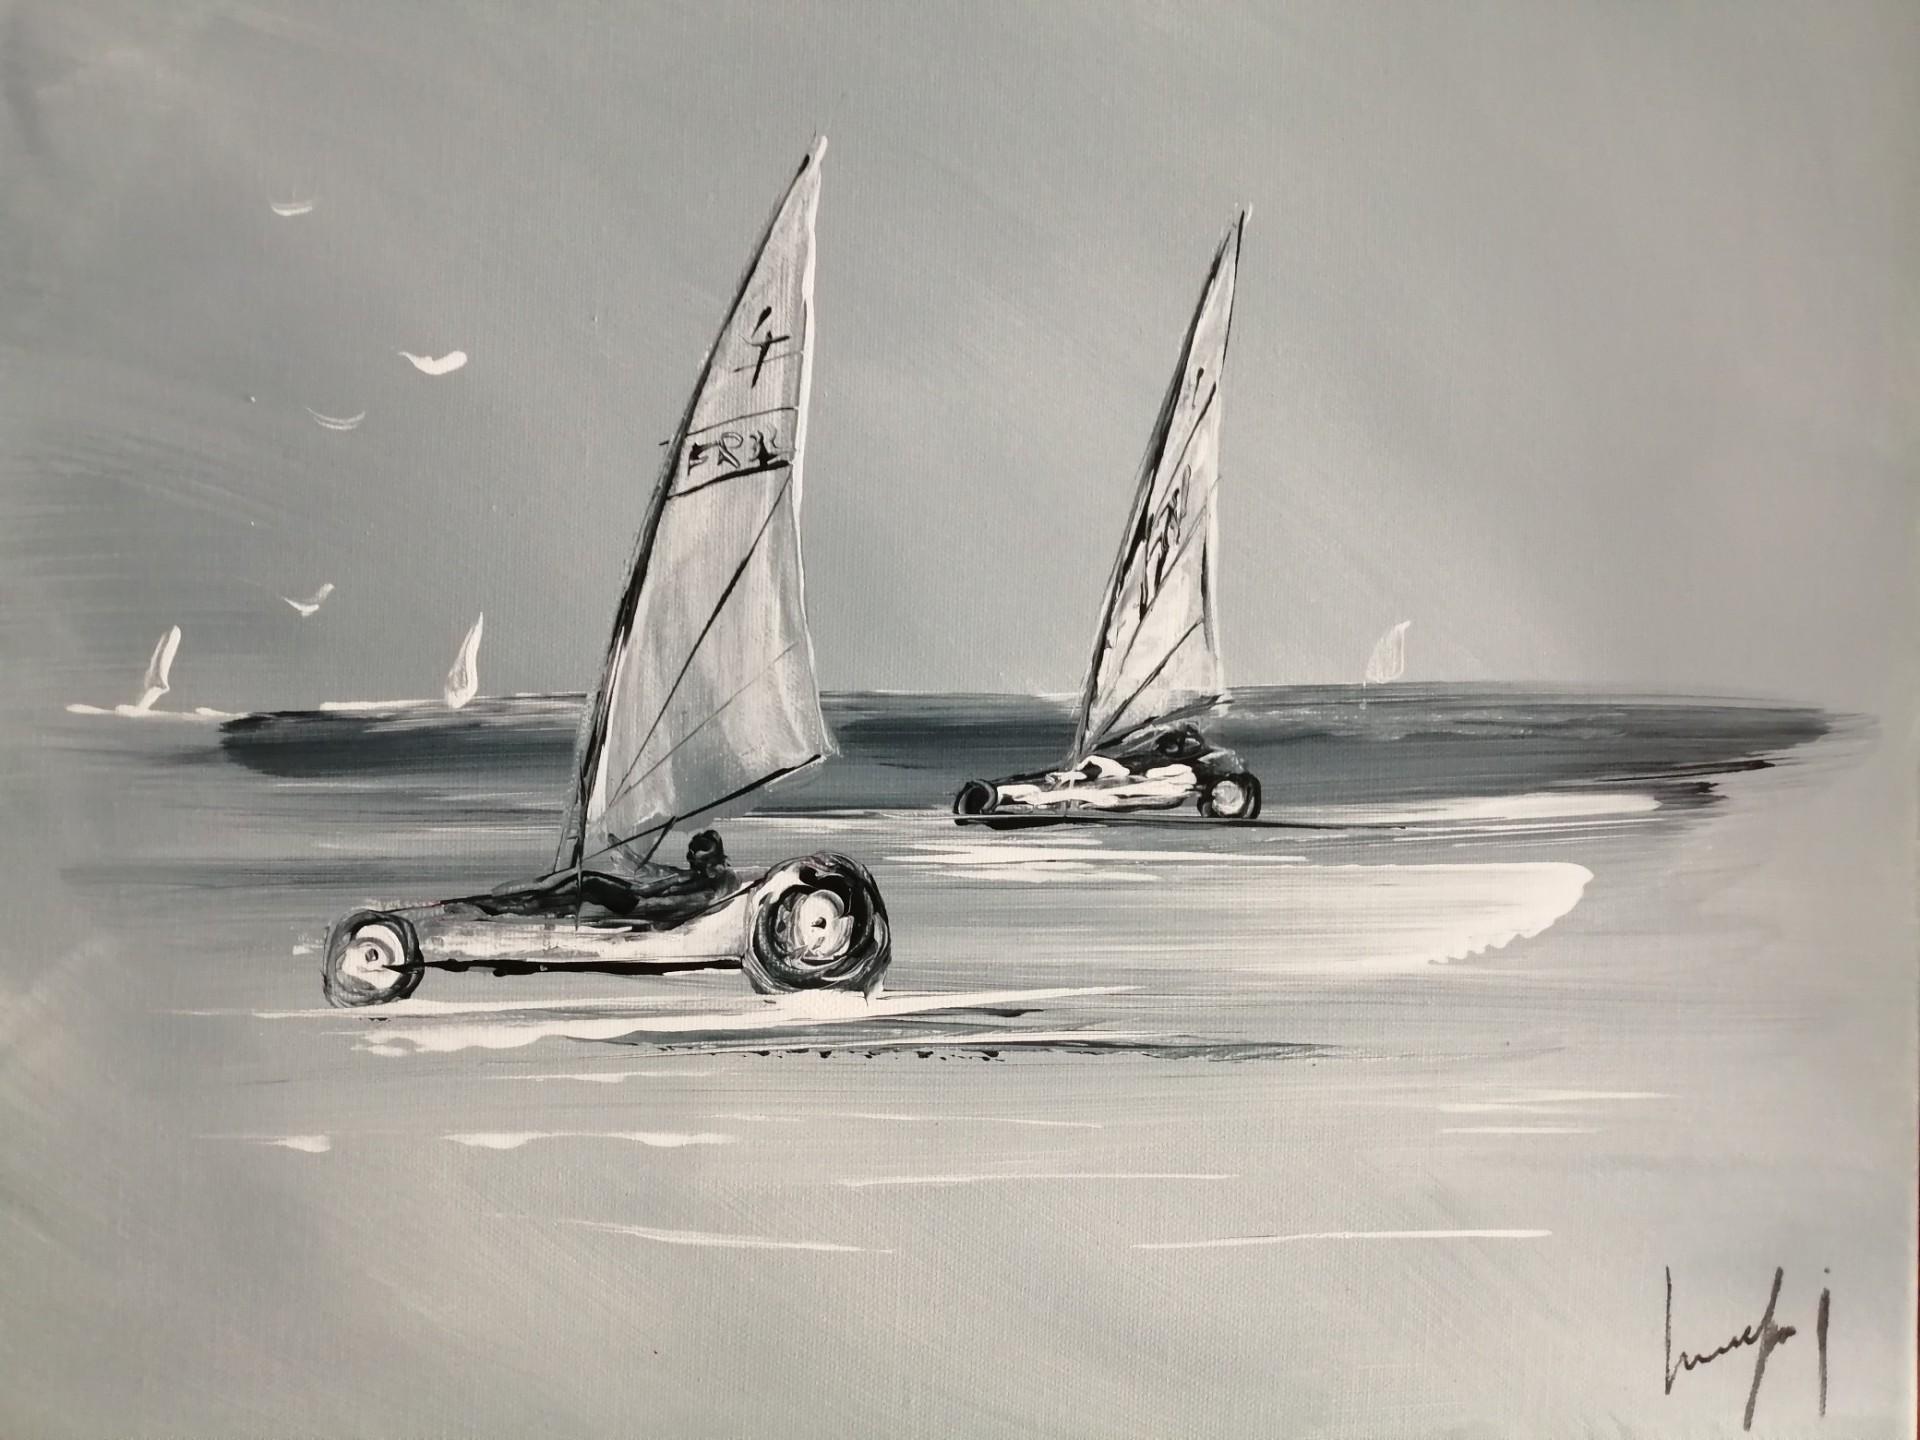 balade en char à voile sur la côte d'Opâle tableau à gagner cette semaine